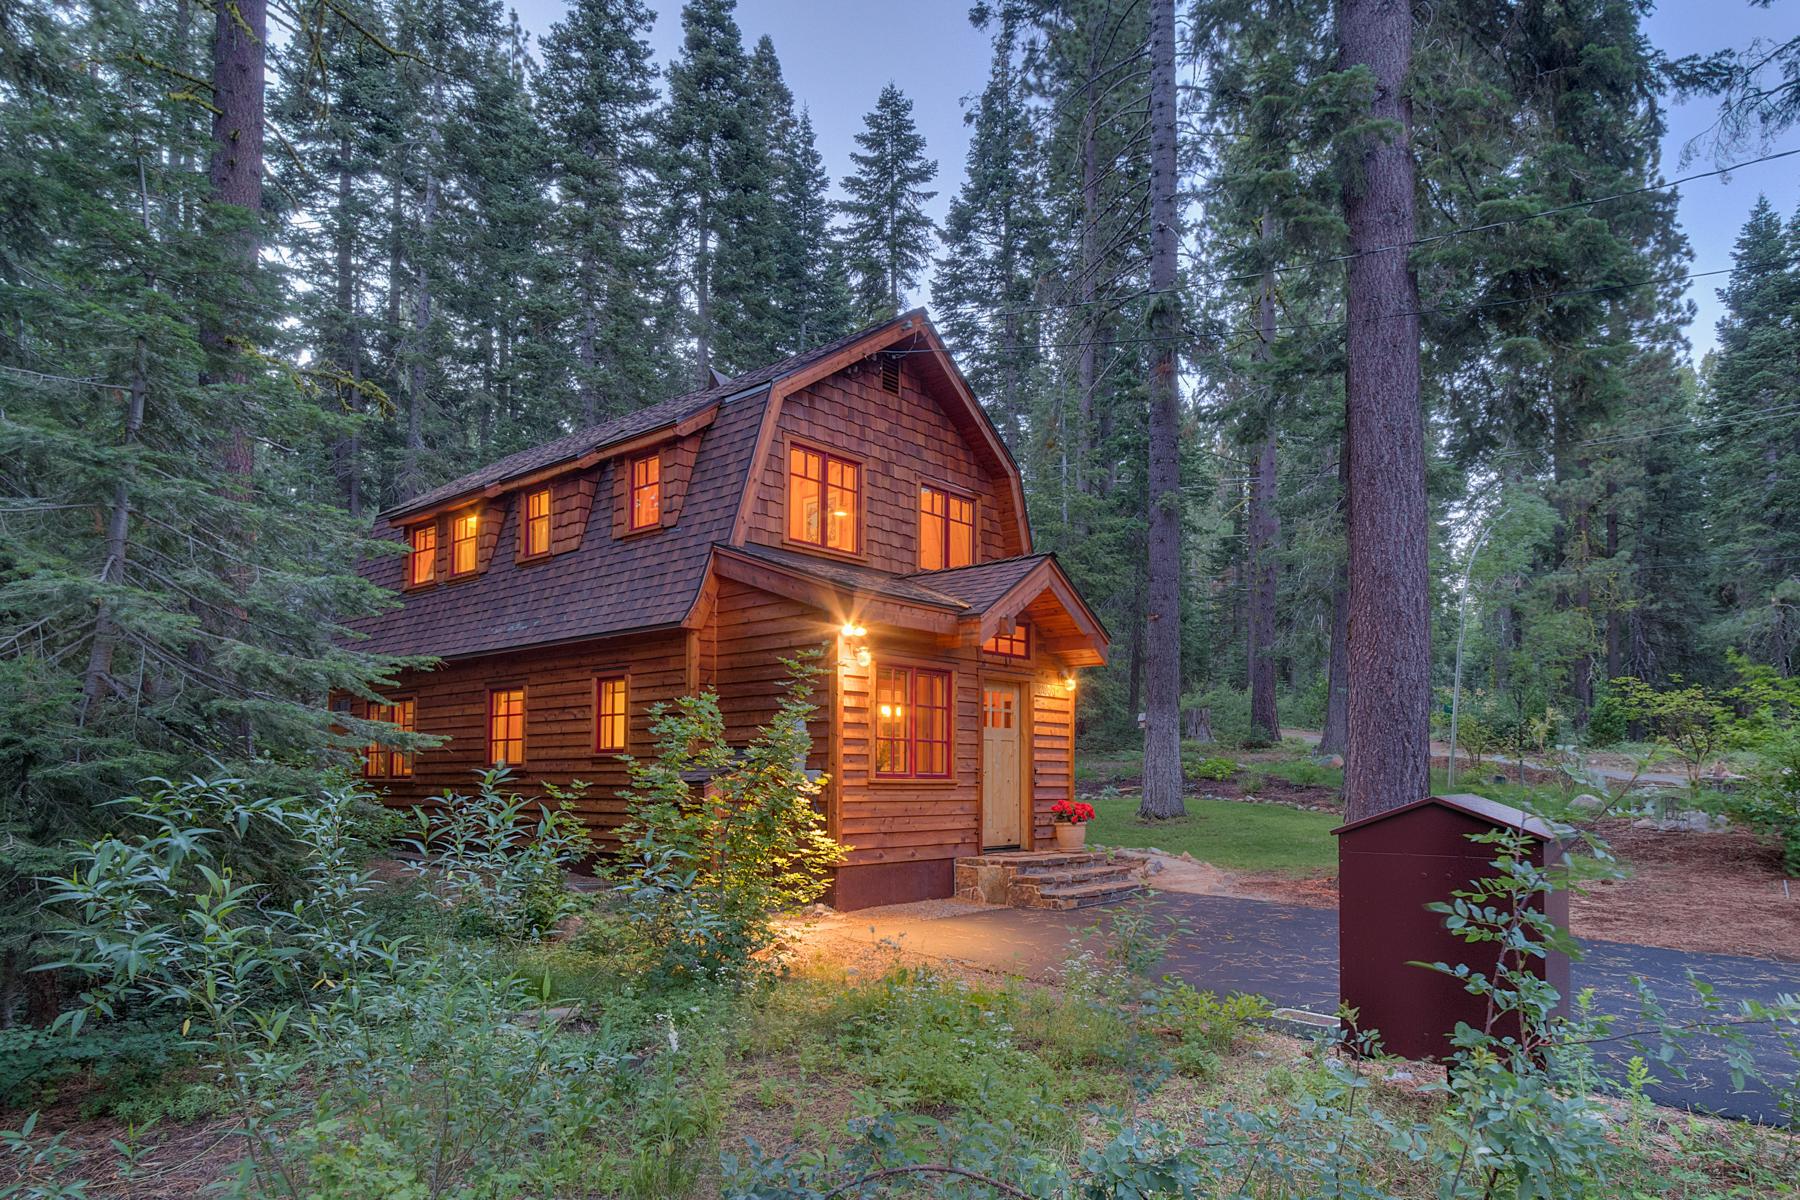 独户住宅 为 销售 在 3980 Doe Avenue, Homewood, CA 霍姆伍德, 加利福尼亚州, 96141 Lake Tahoe, 美国